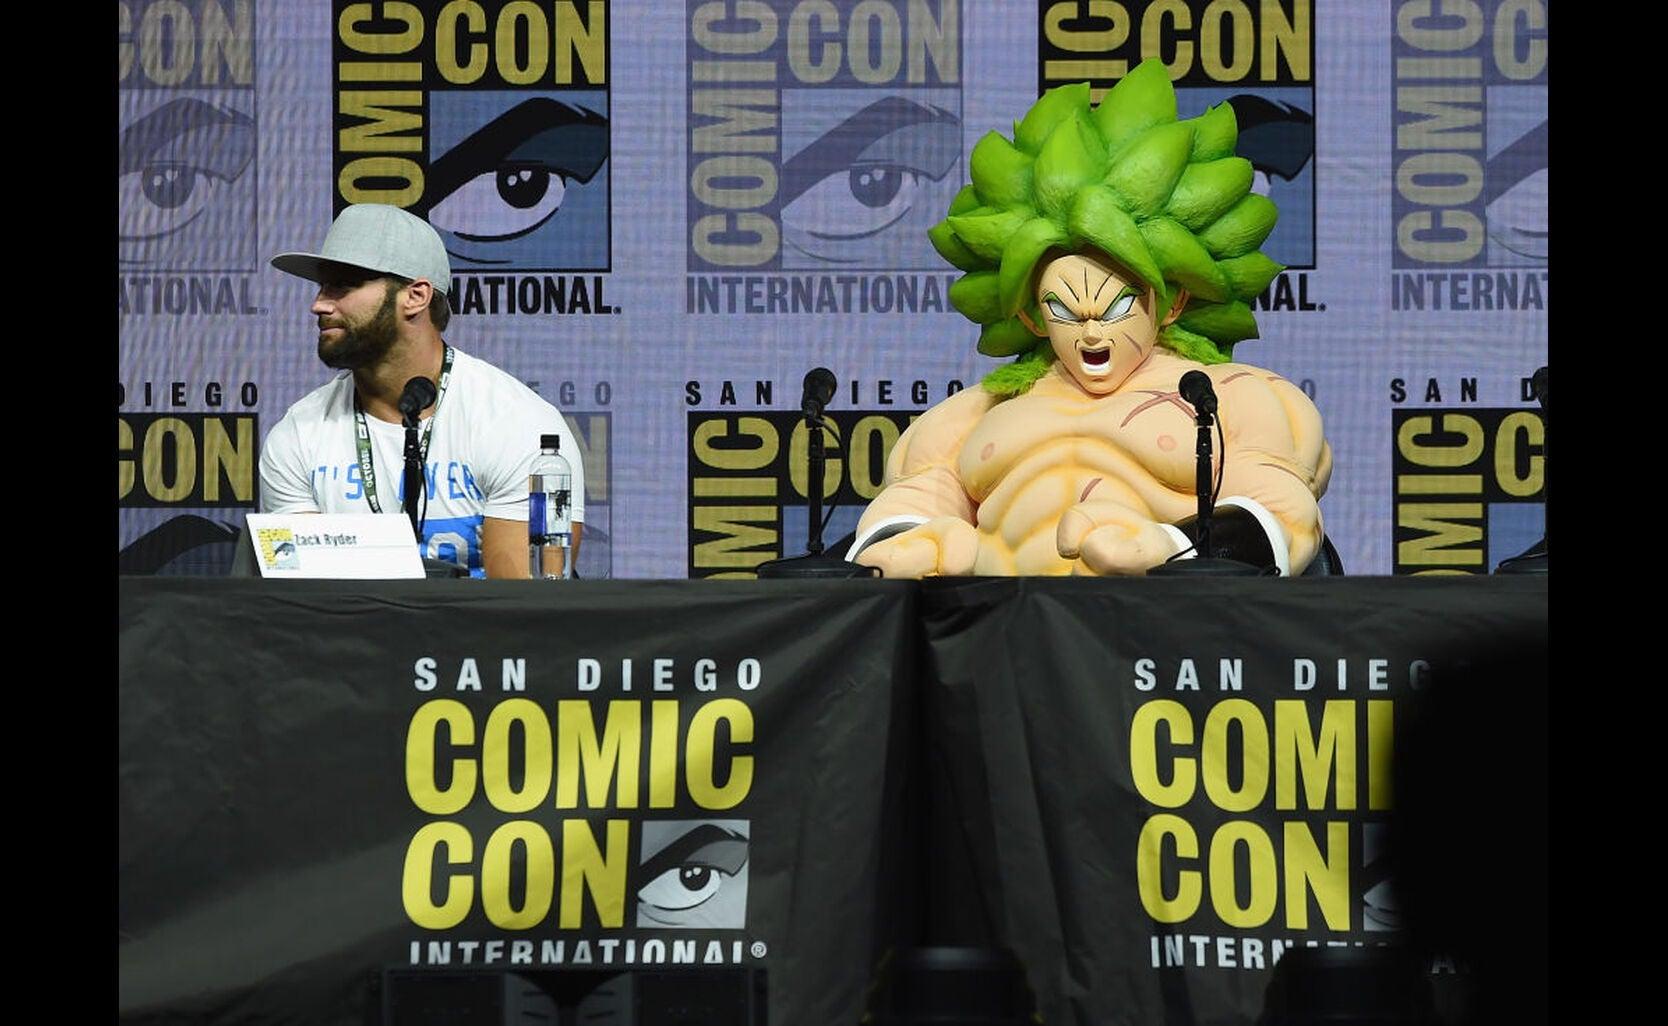 Dragon Ball panel at Comic-Con 2018